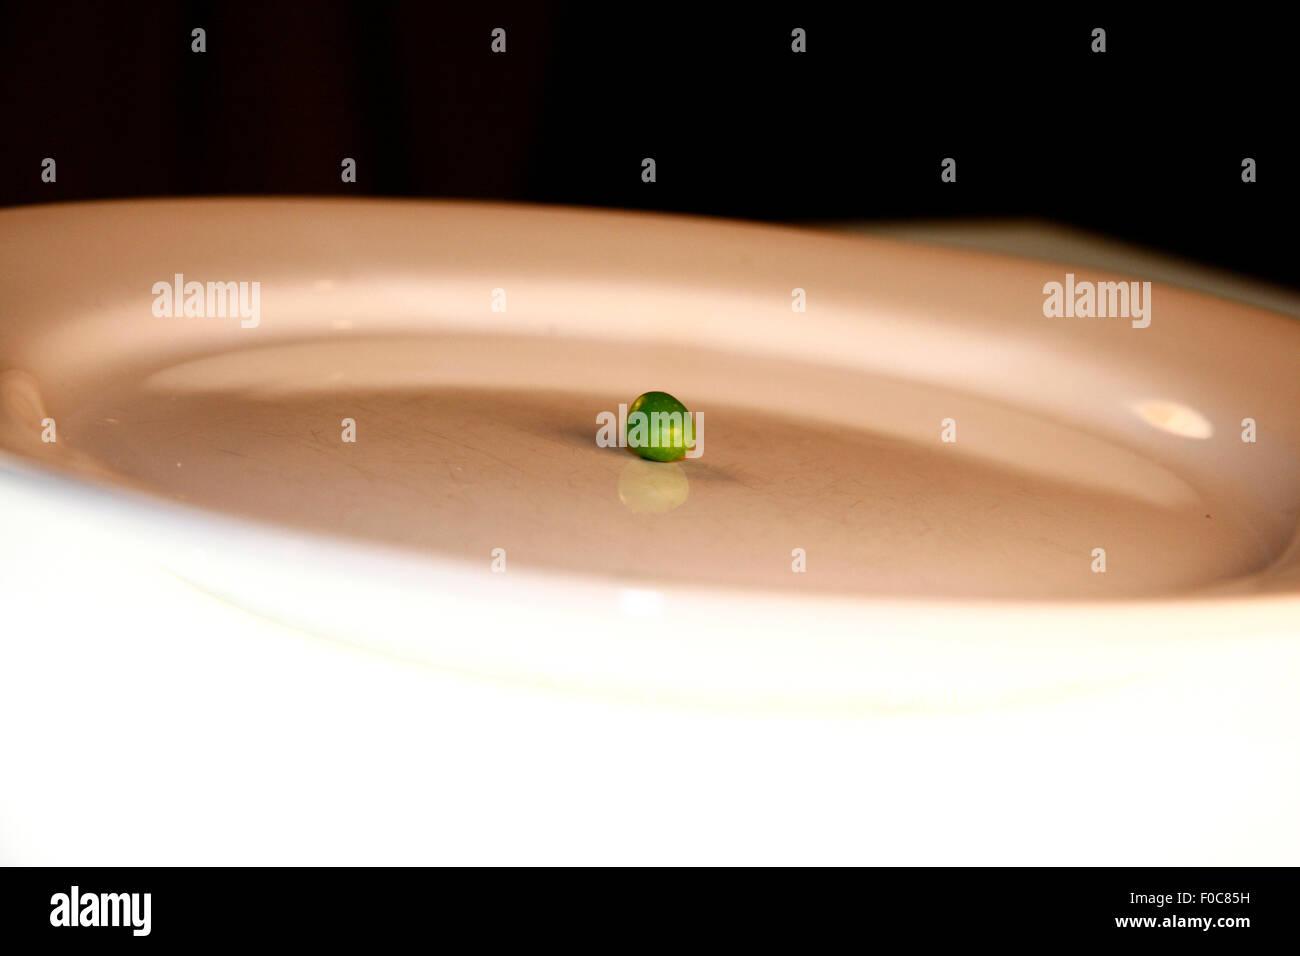 Diaet/ diet: Symbolbild: eine aus einer Bohne bestehende Mahlzeit/ a dish consisting only of one bean - Symbolbild Stock Photo